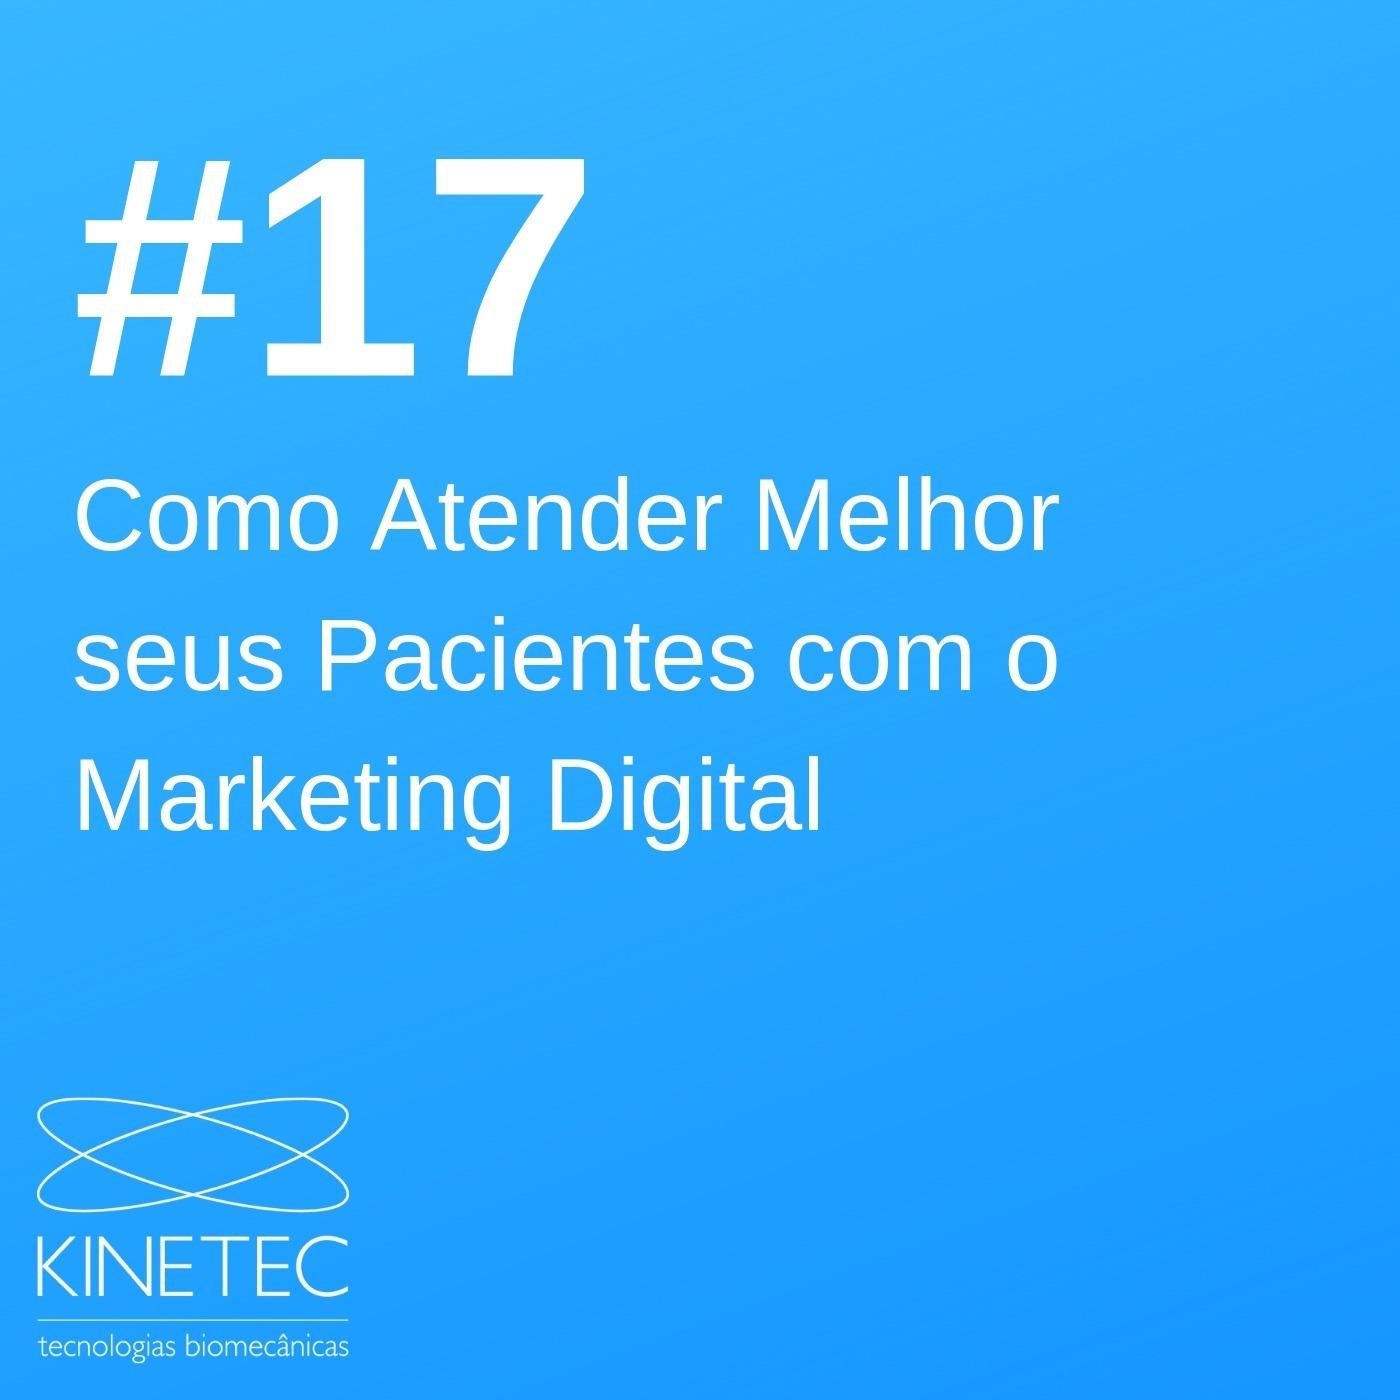 #017 Como Atender Melhor Seus Pacientes com o Marketing Digital